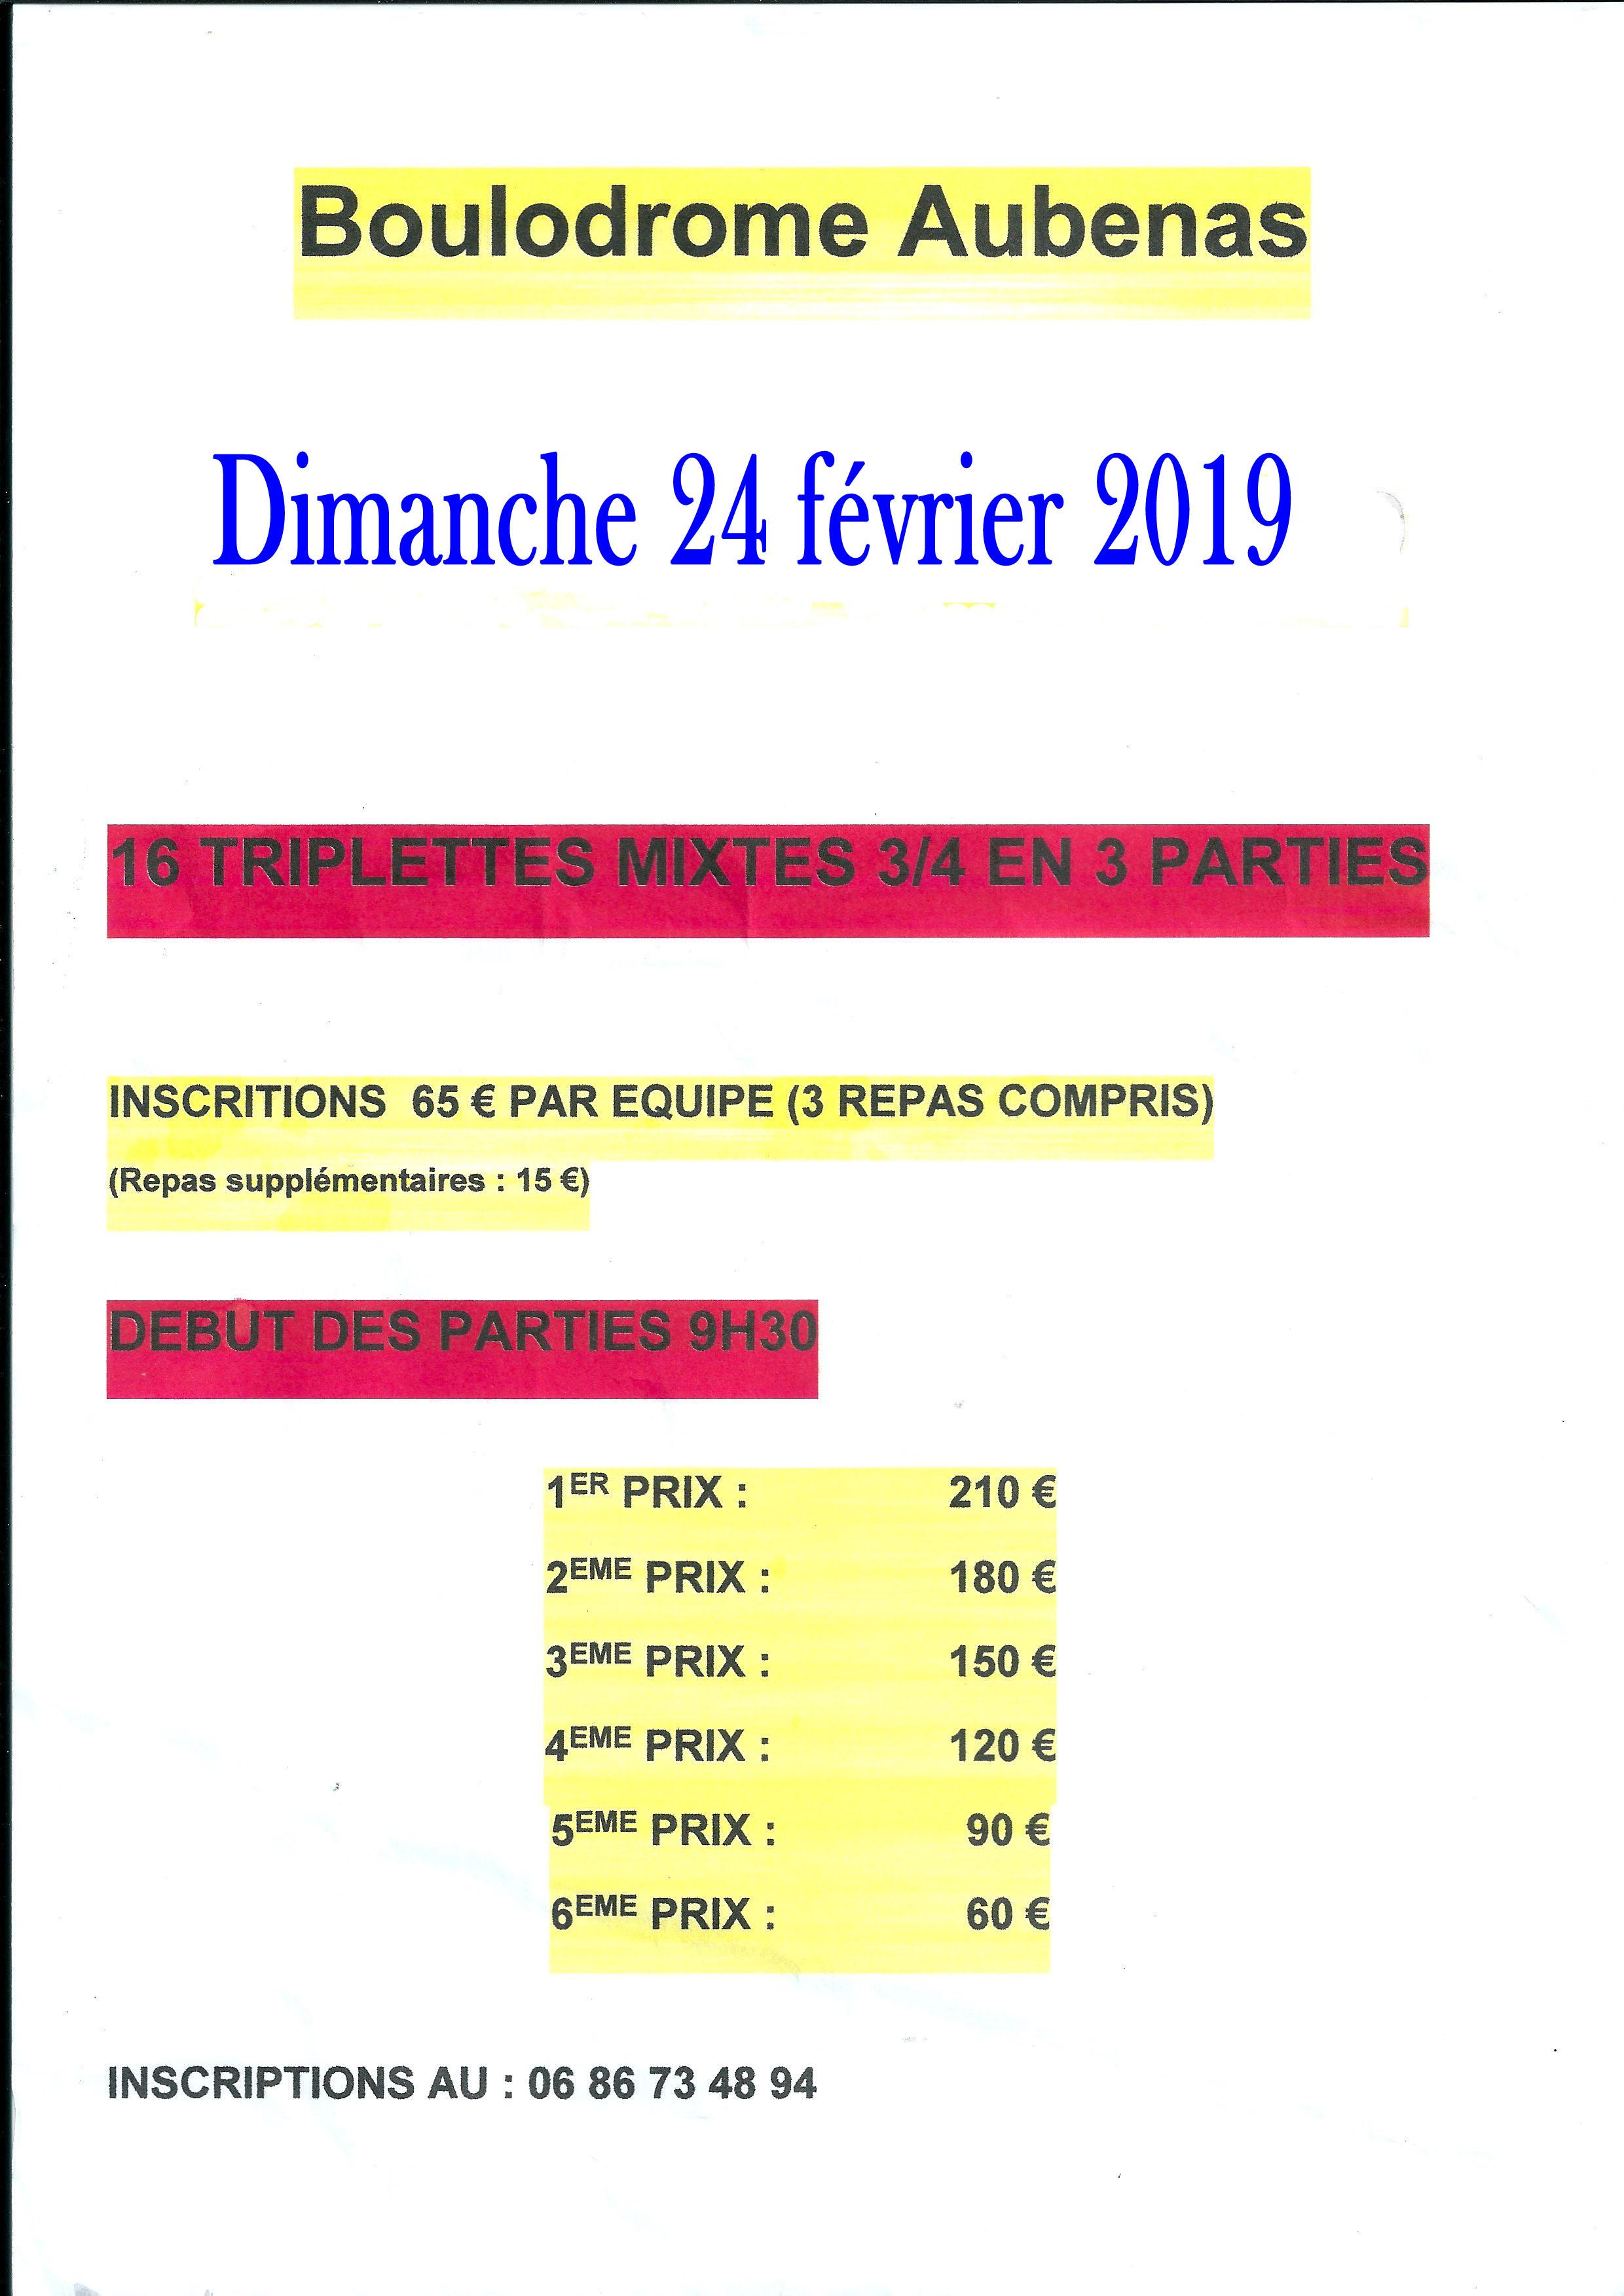 Changement de date du triple mixte d'Aubenas